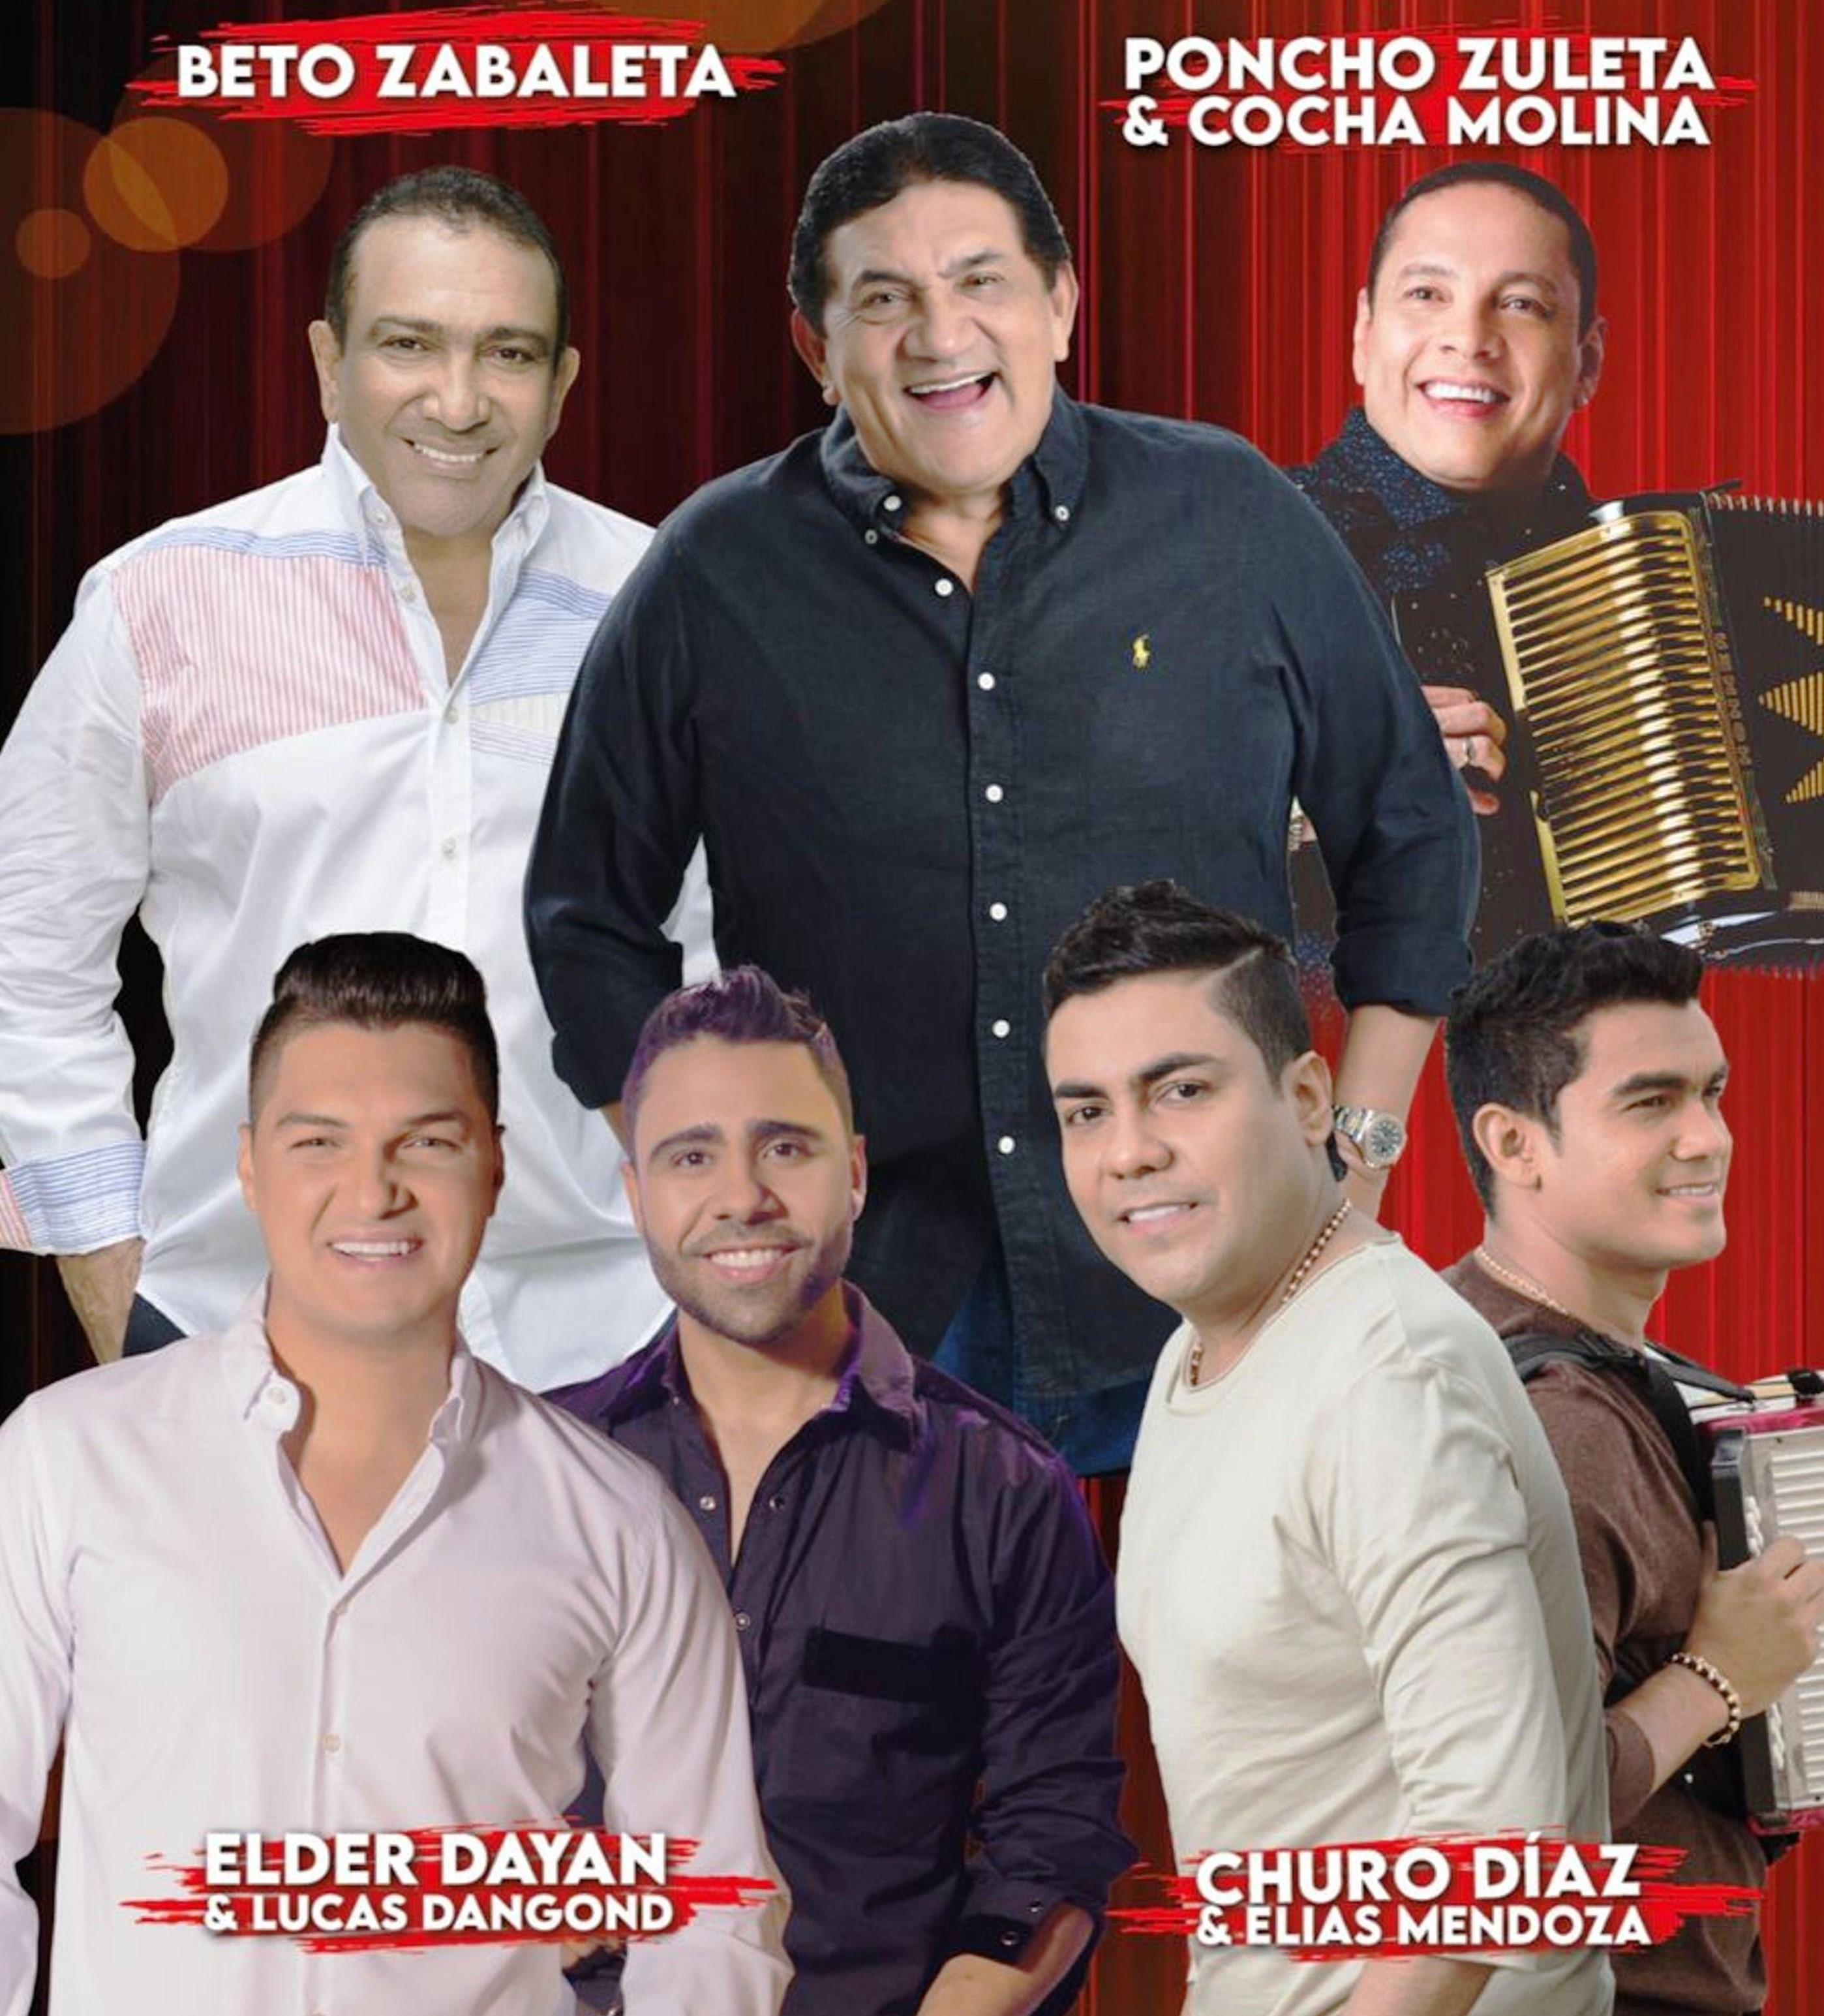 Dos grandiosos conciertos en el Parque de la Leyenda Vallenata 'Consuelo Araujonoguera' los días 16 y 17 de octubre